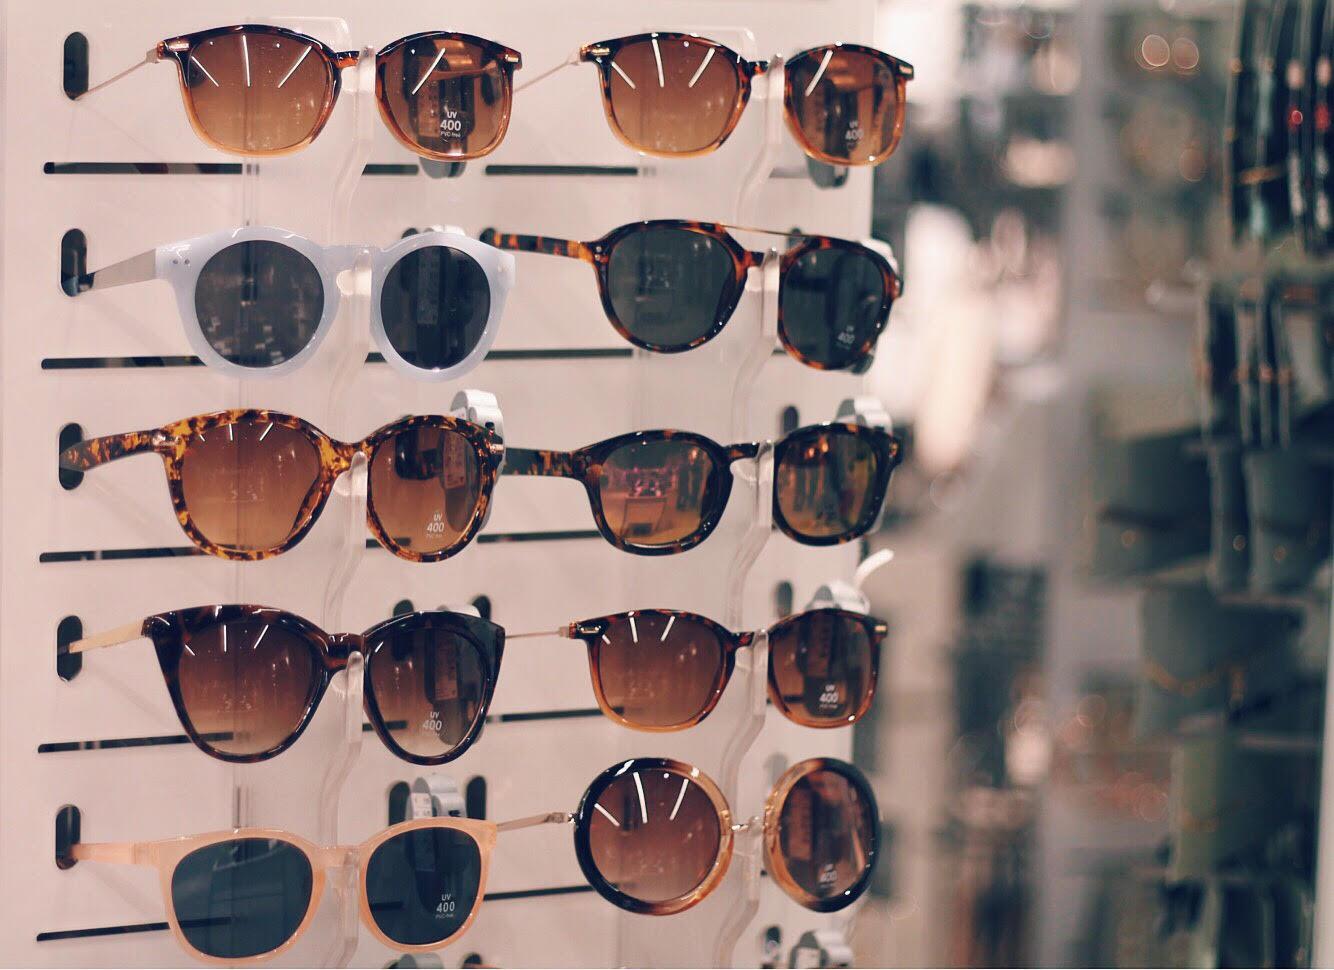 cc2ac08119f9f A minha vontade era de trazer todos (ou quase!) os óculos de sol da loja